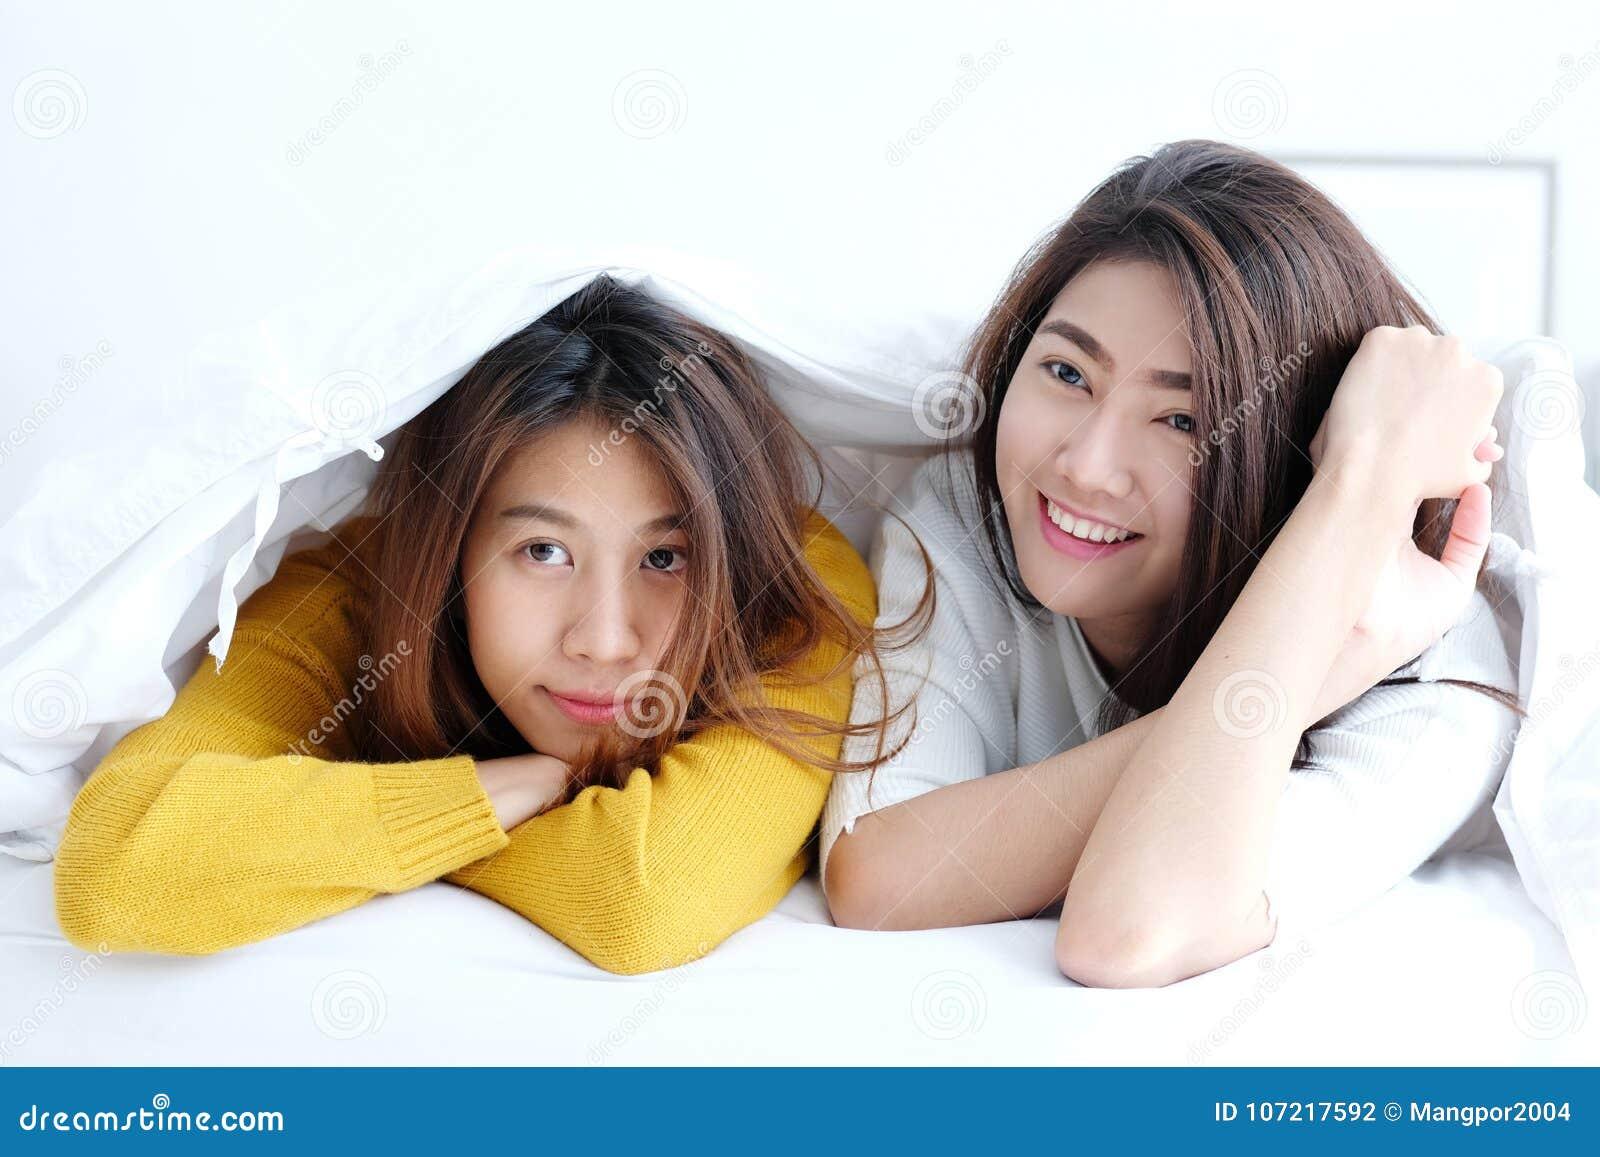 Noir et blanc lesbiennes dans lit